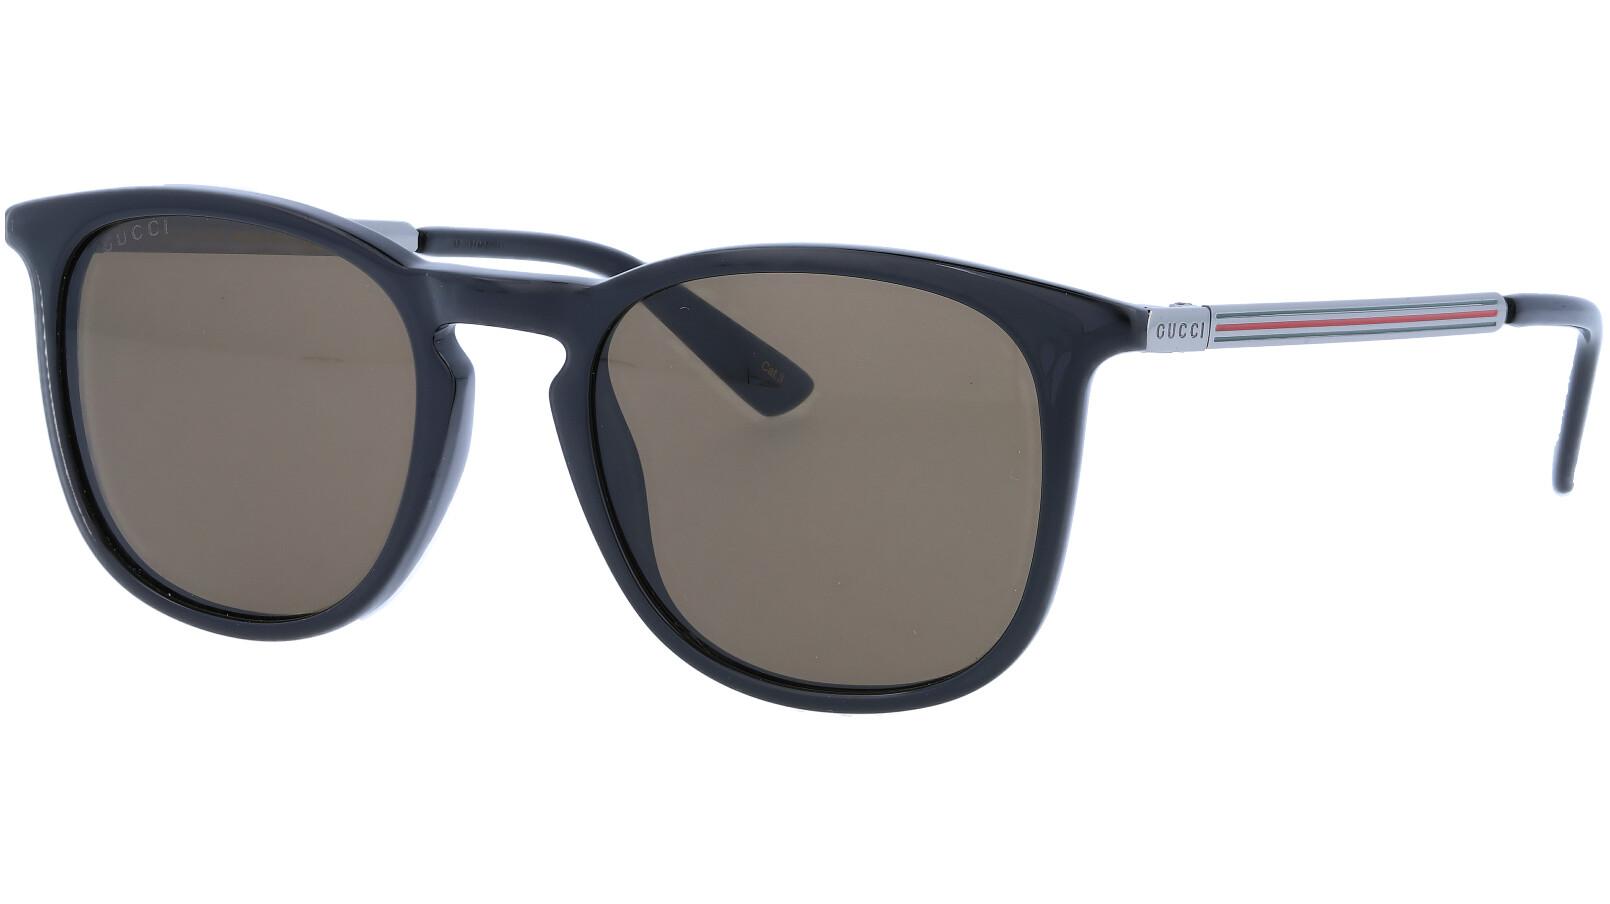 GUCCI GG0136S 001 51 BLACK Sunglasses